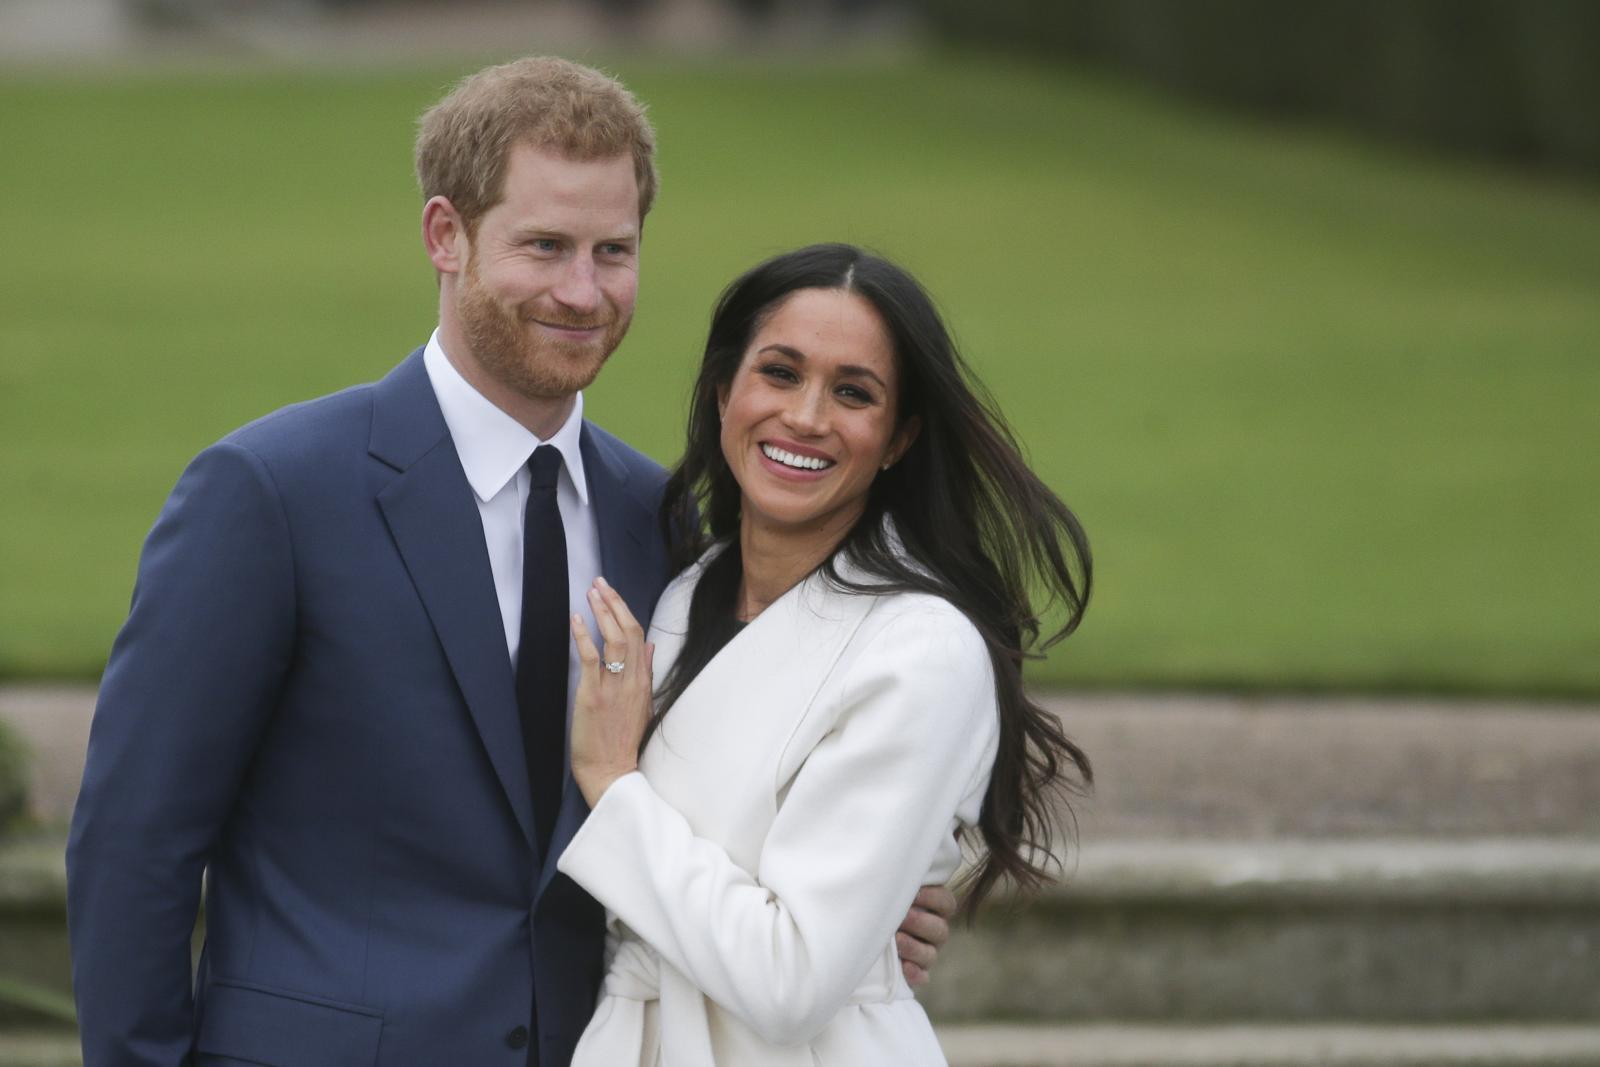 """""""เจ้าชายแฮร์รี่"""" ขอแต่งงานระหว่างย่างไก่ """"เมแกน"""" ปลื้ม สุดโรแมนติก!"""